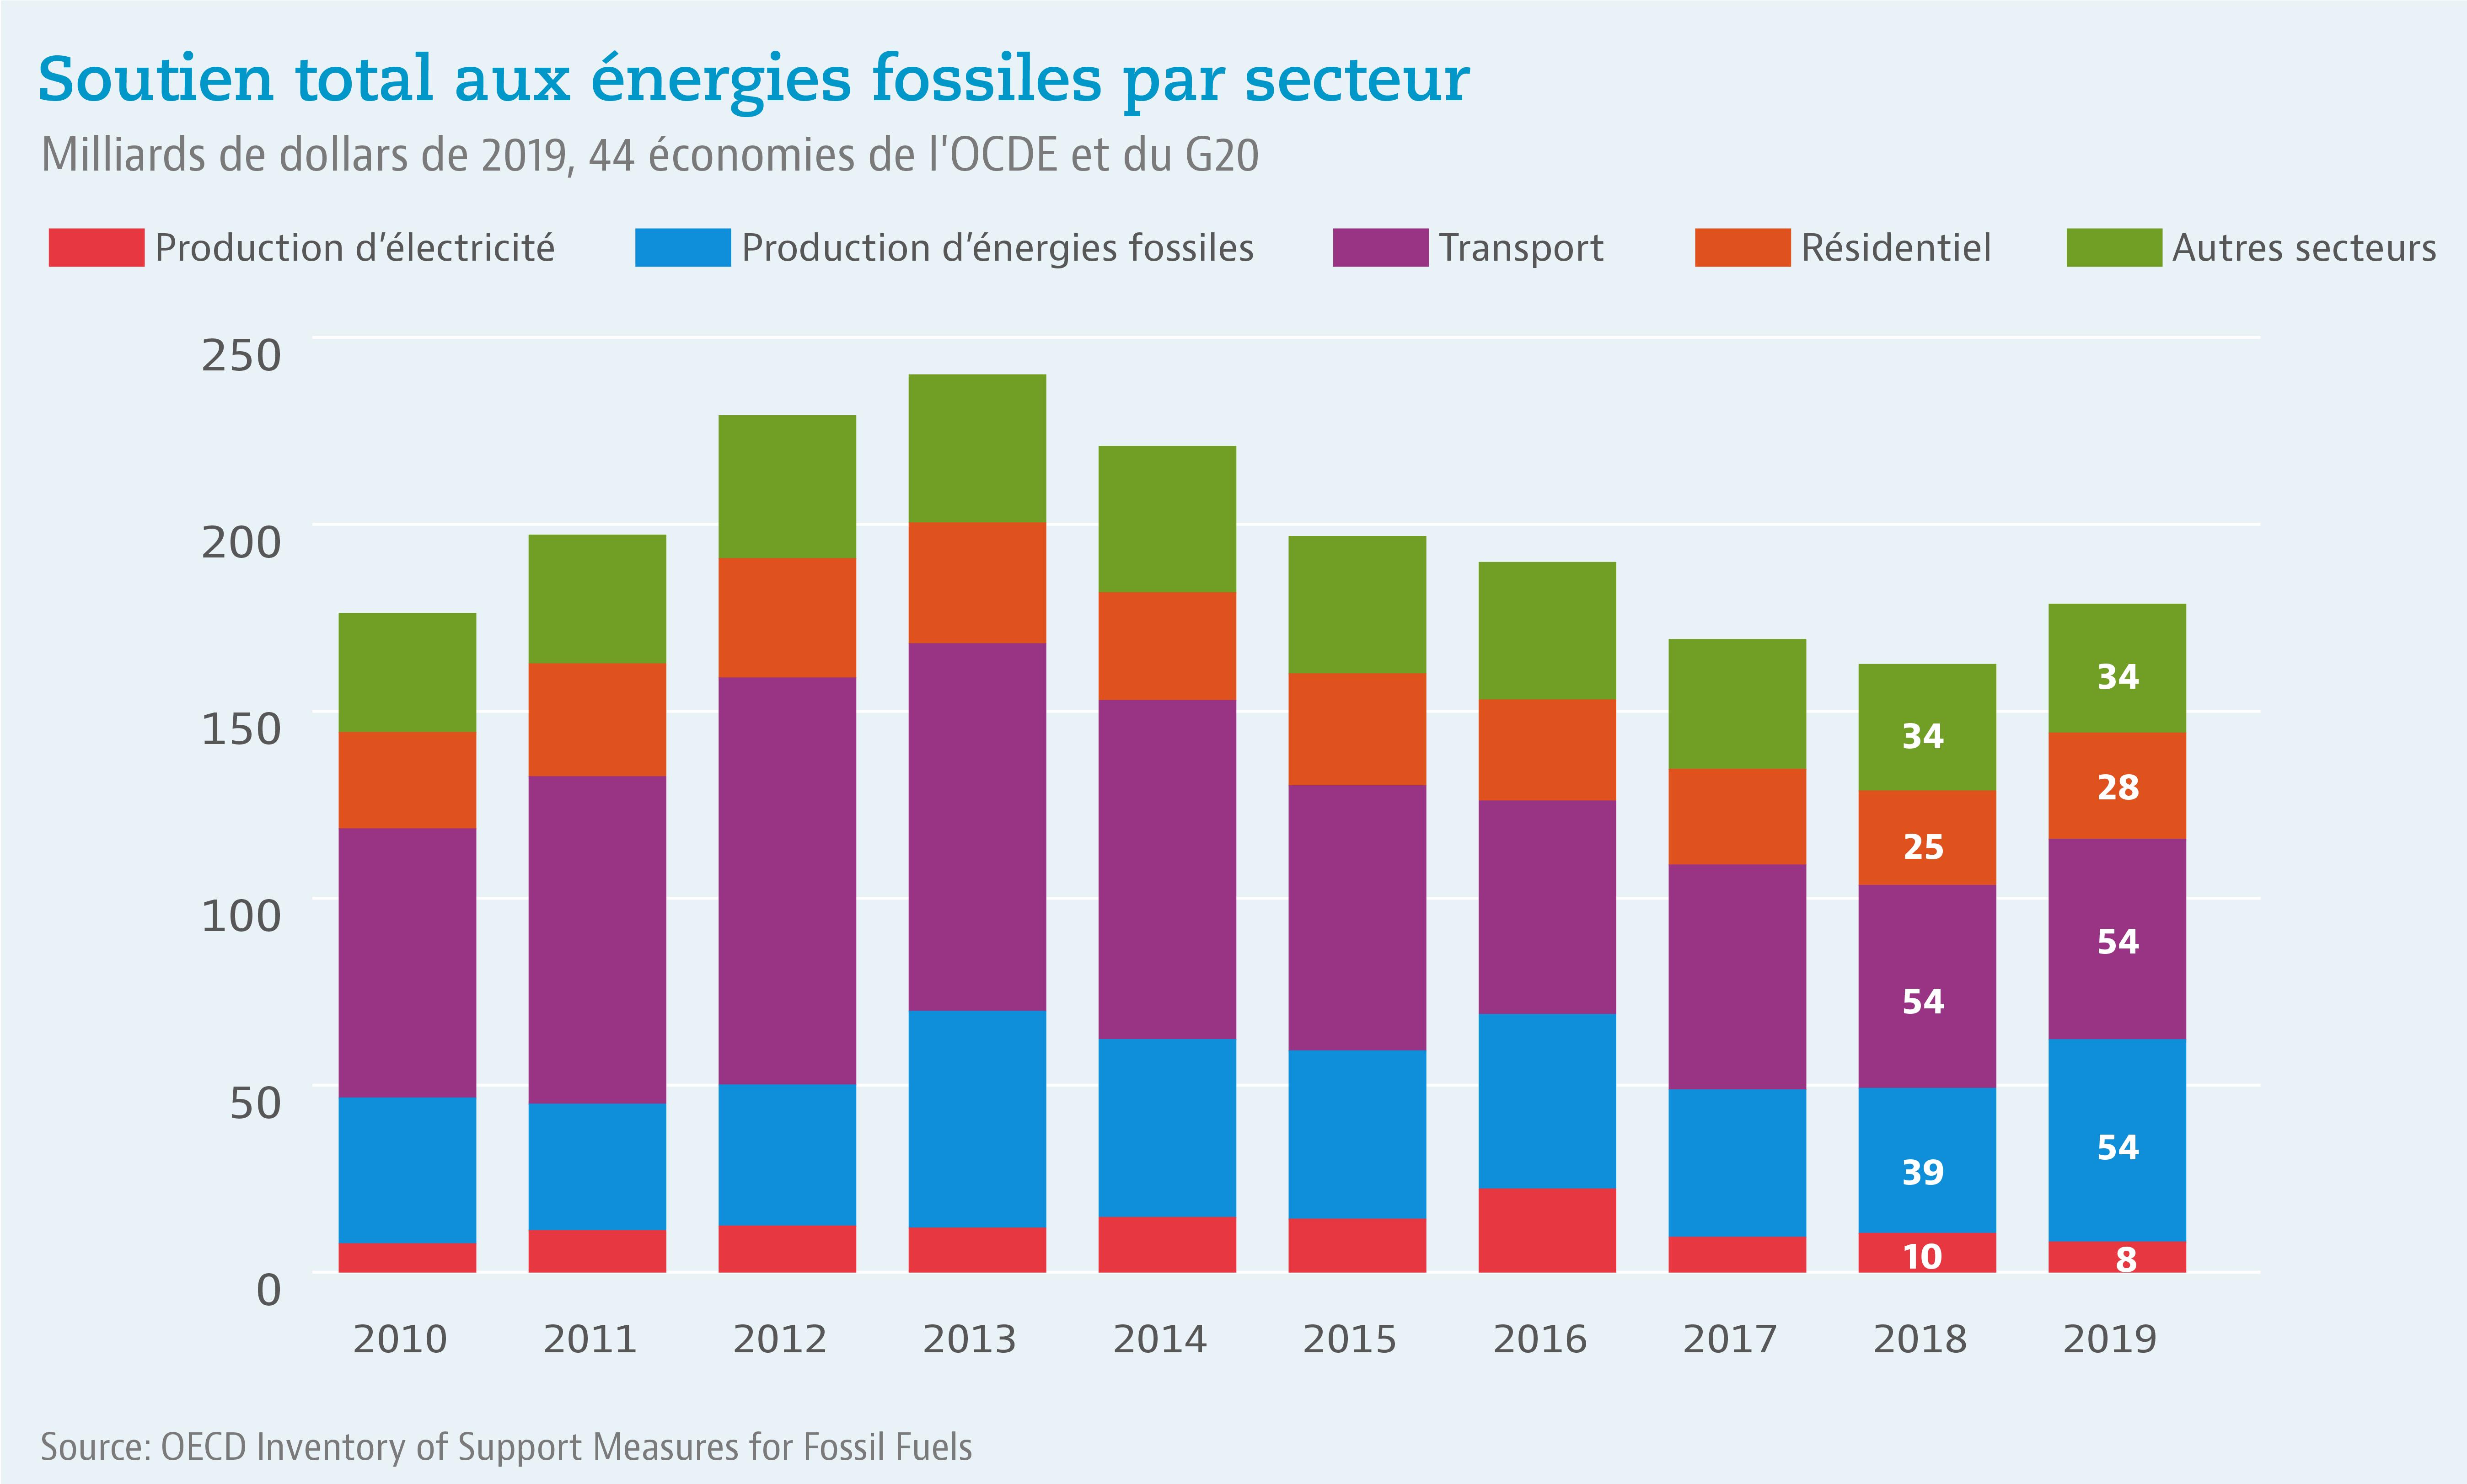 Le soutien à la production d'énergies fossiles augmente à nouveau